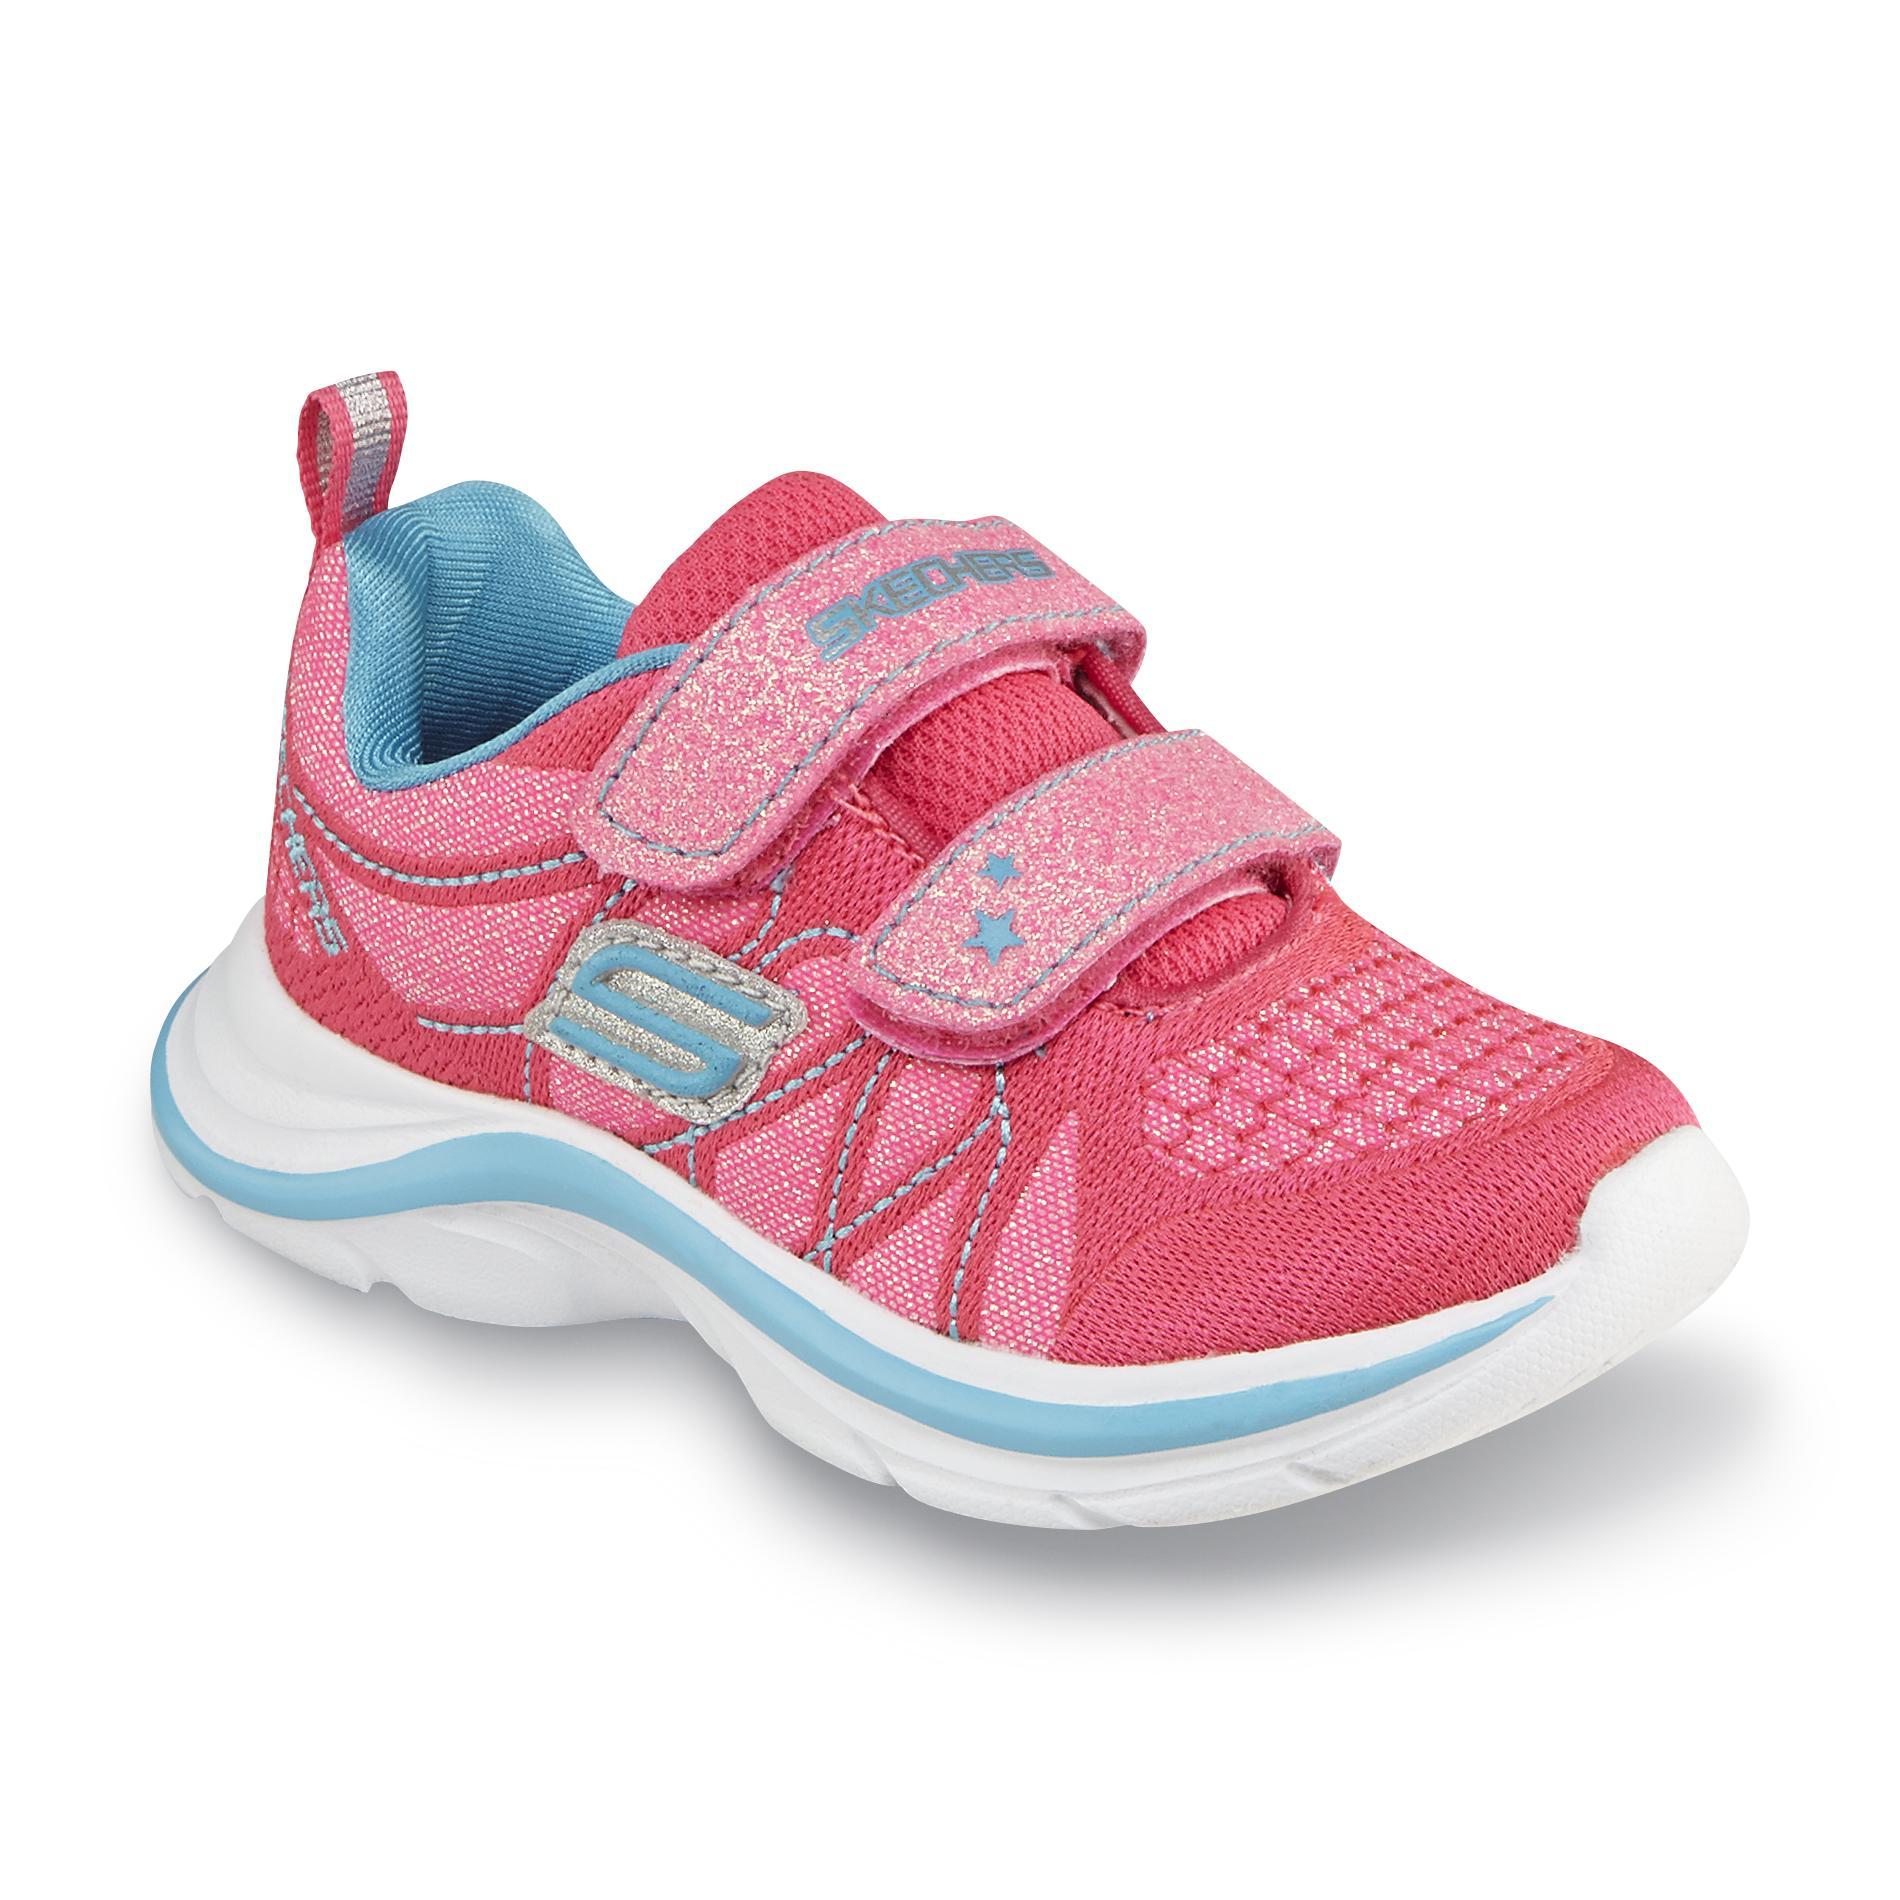 Skechers Toddler Girl s Swift Kicks Lil Glammer Neon Pink